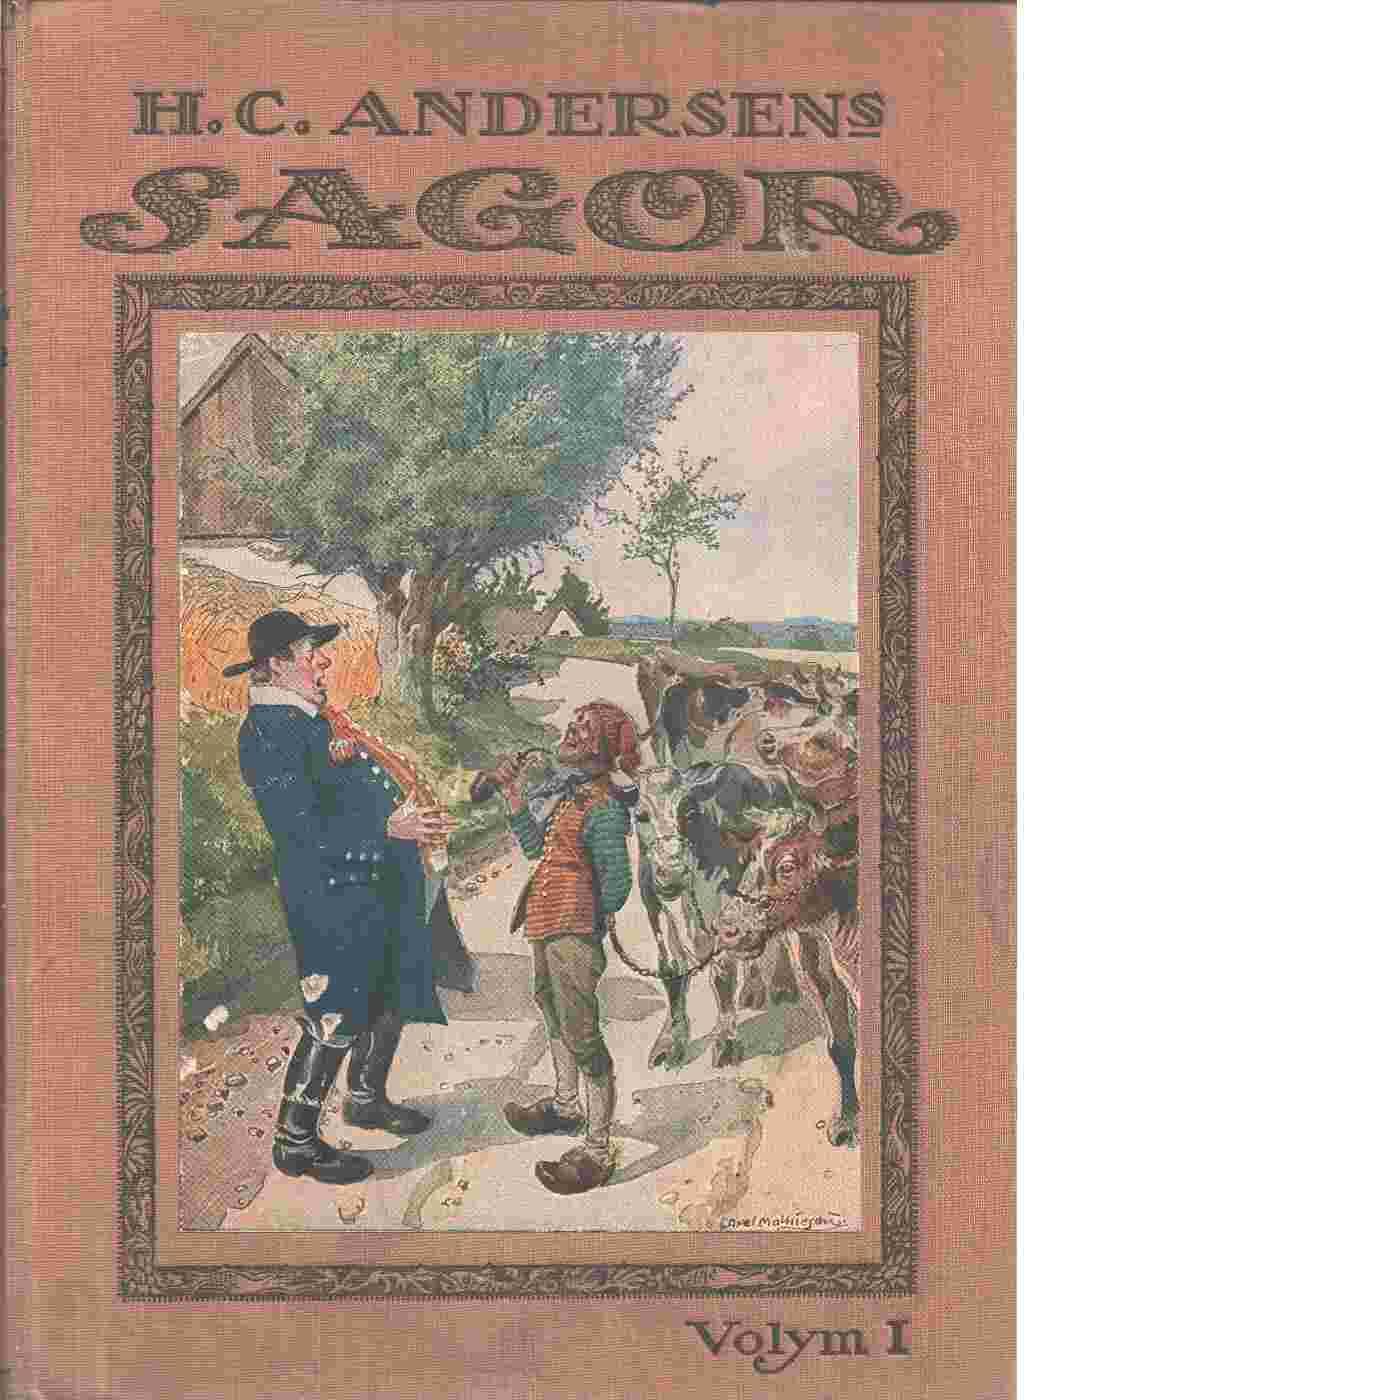 H. C. Andersens sagor  volym I - Andersen, H. C.